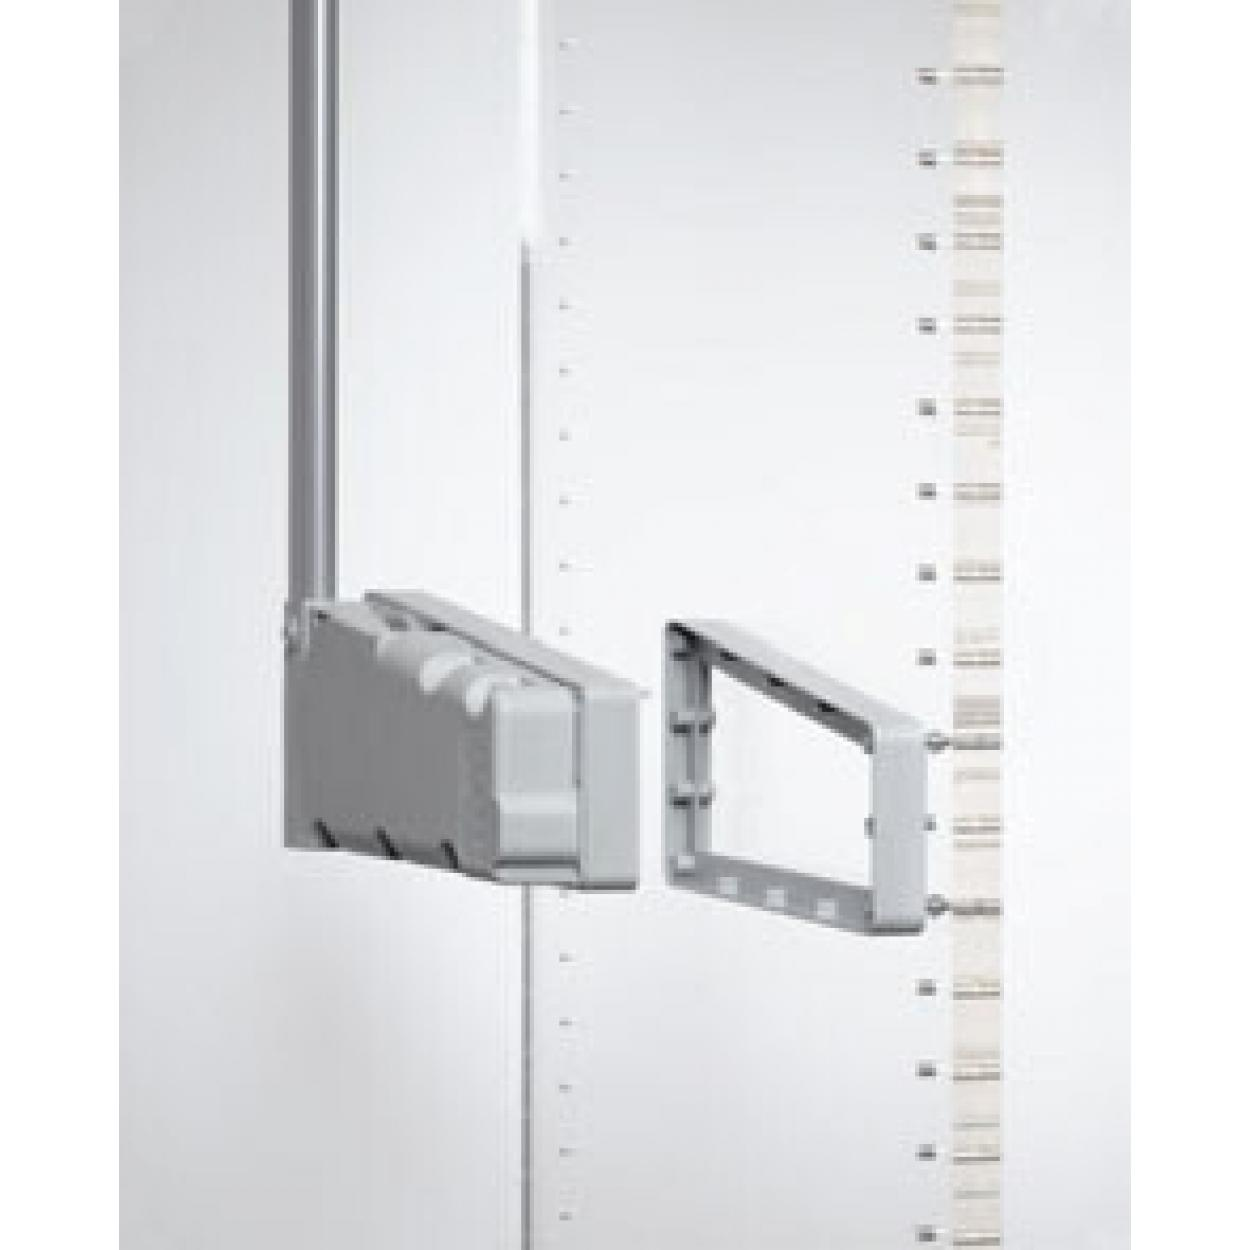 Расширитель проема 2см пантограф мебельный Лифт 300 для одежды в шкаф цвет серый